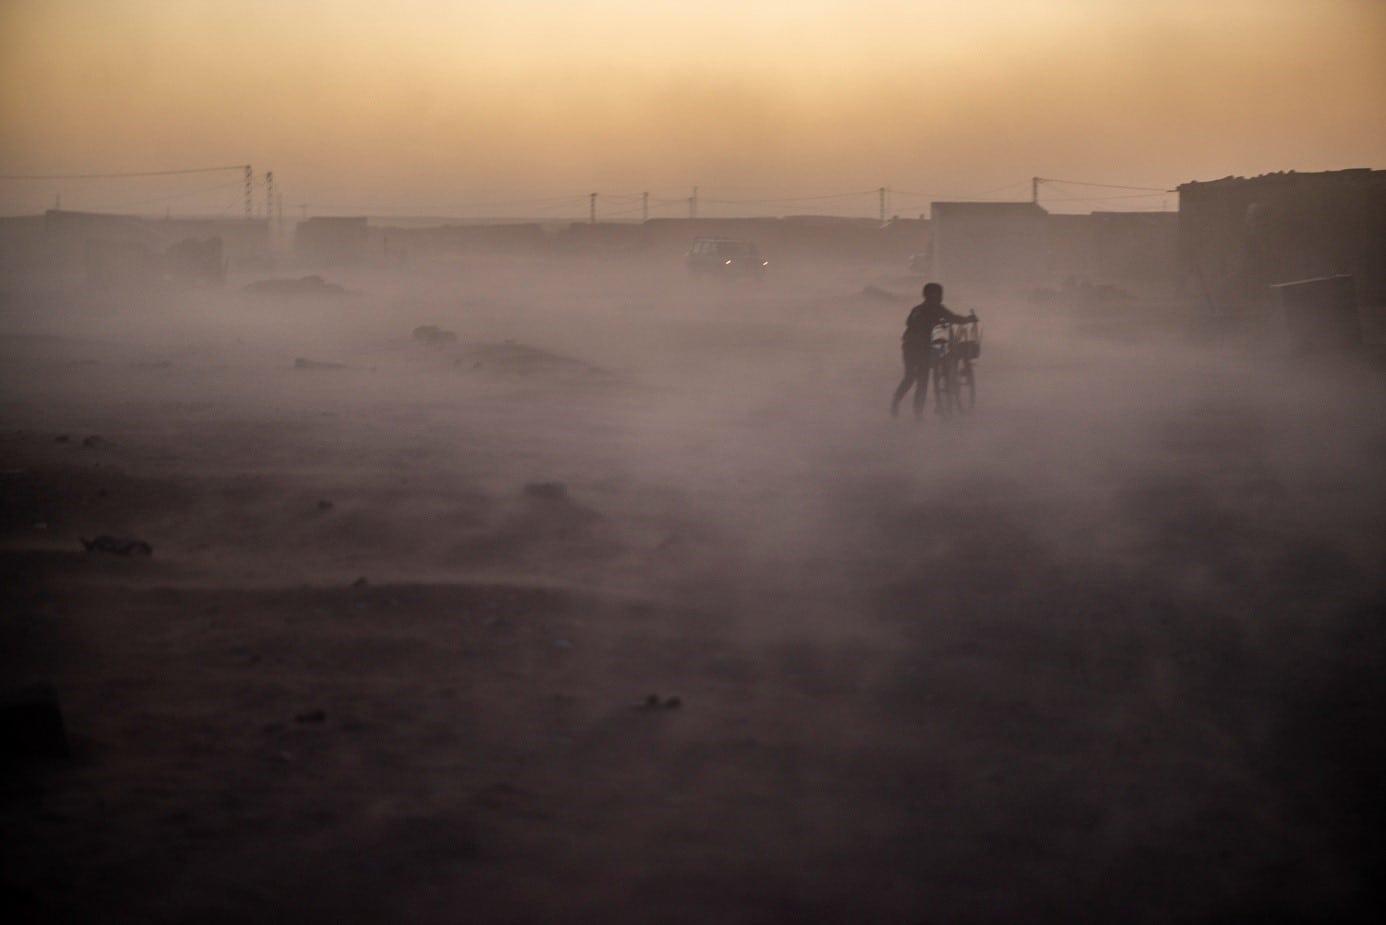 jose-barrena-concurso-fotografia-AFZ siroco africa